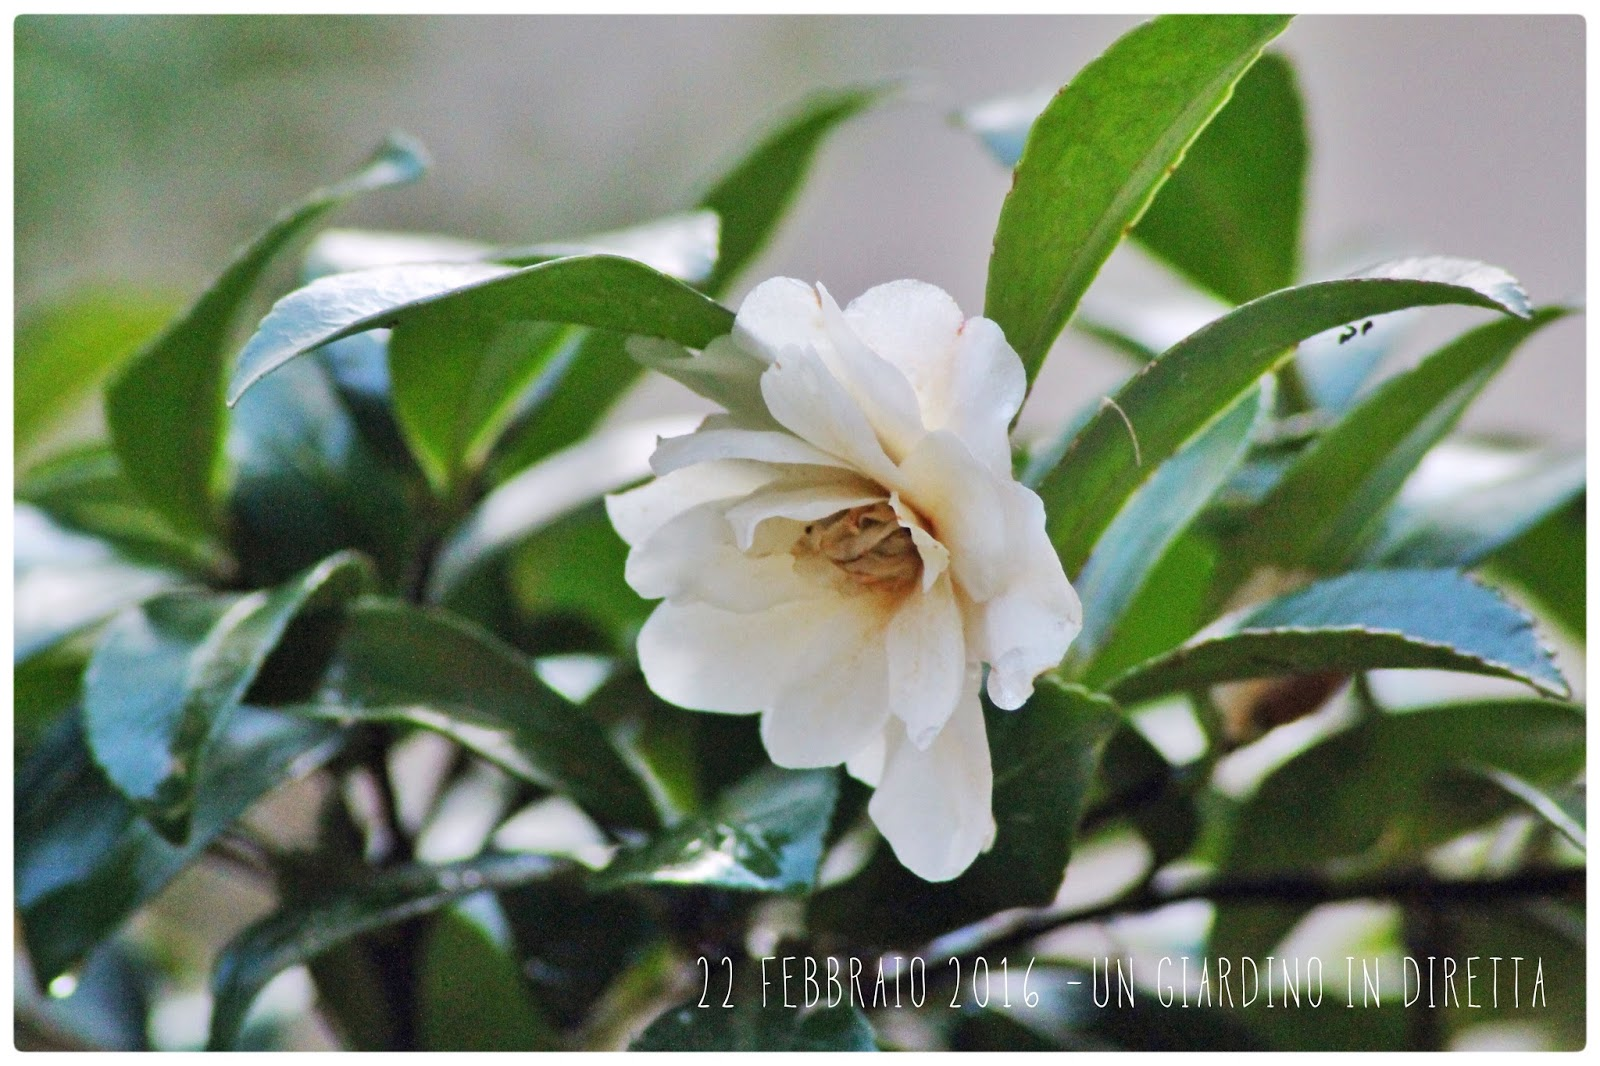 Fiori di febbraio camelia sasanqua un giardino in diretta - Fiori di giardino ...